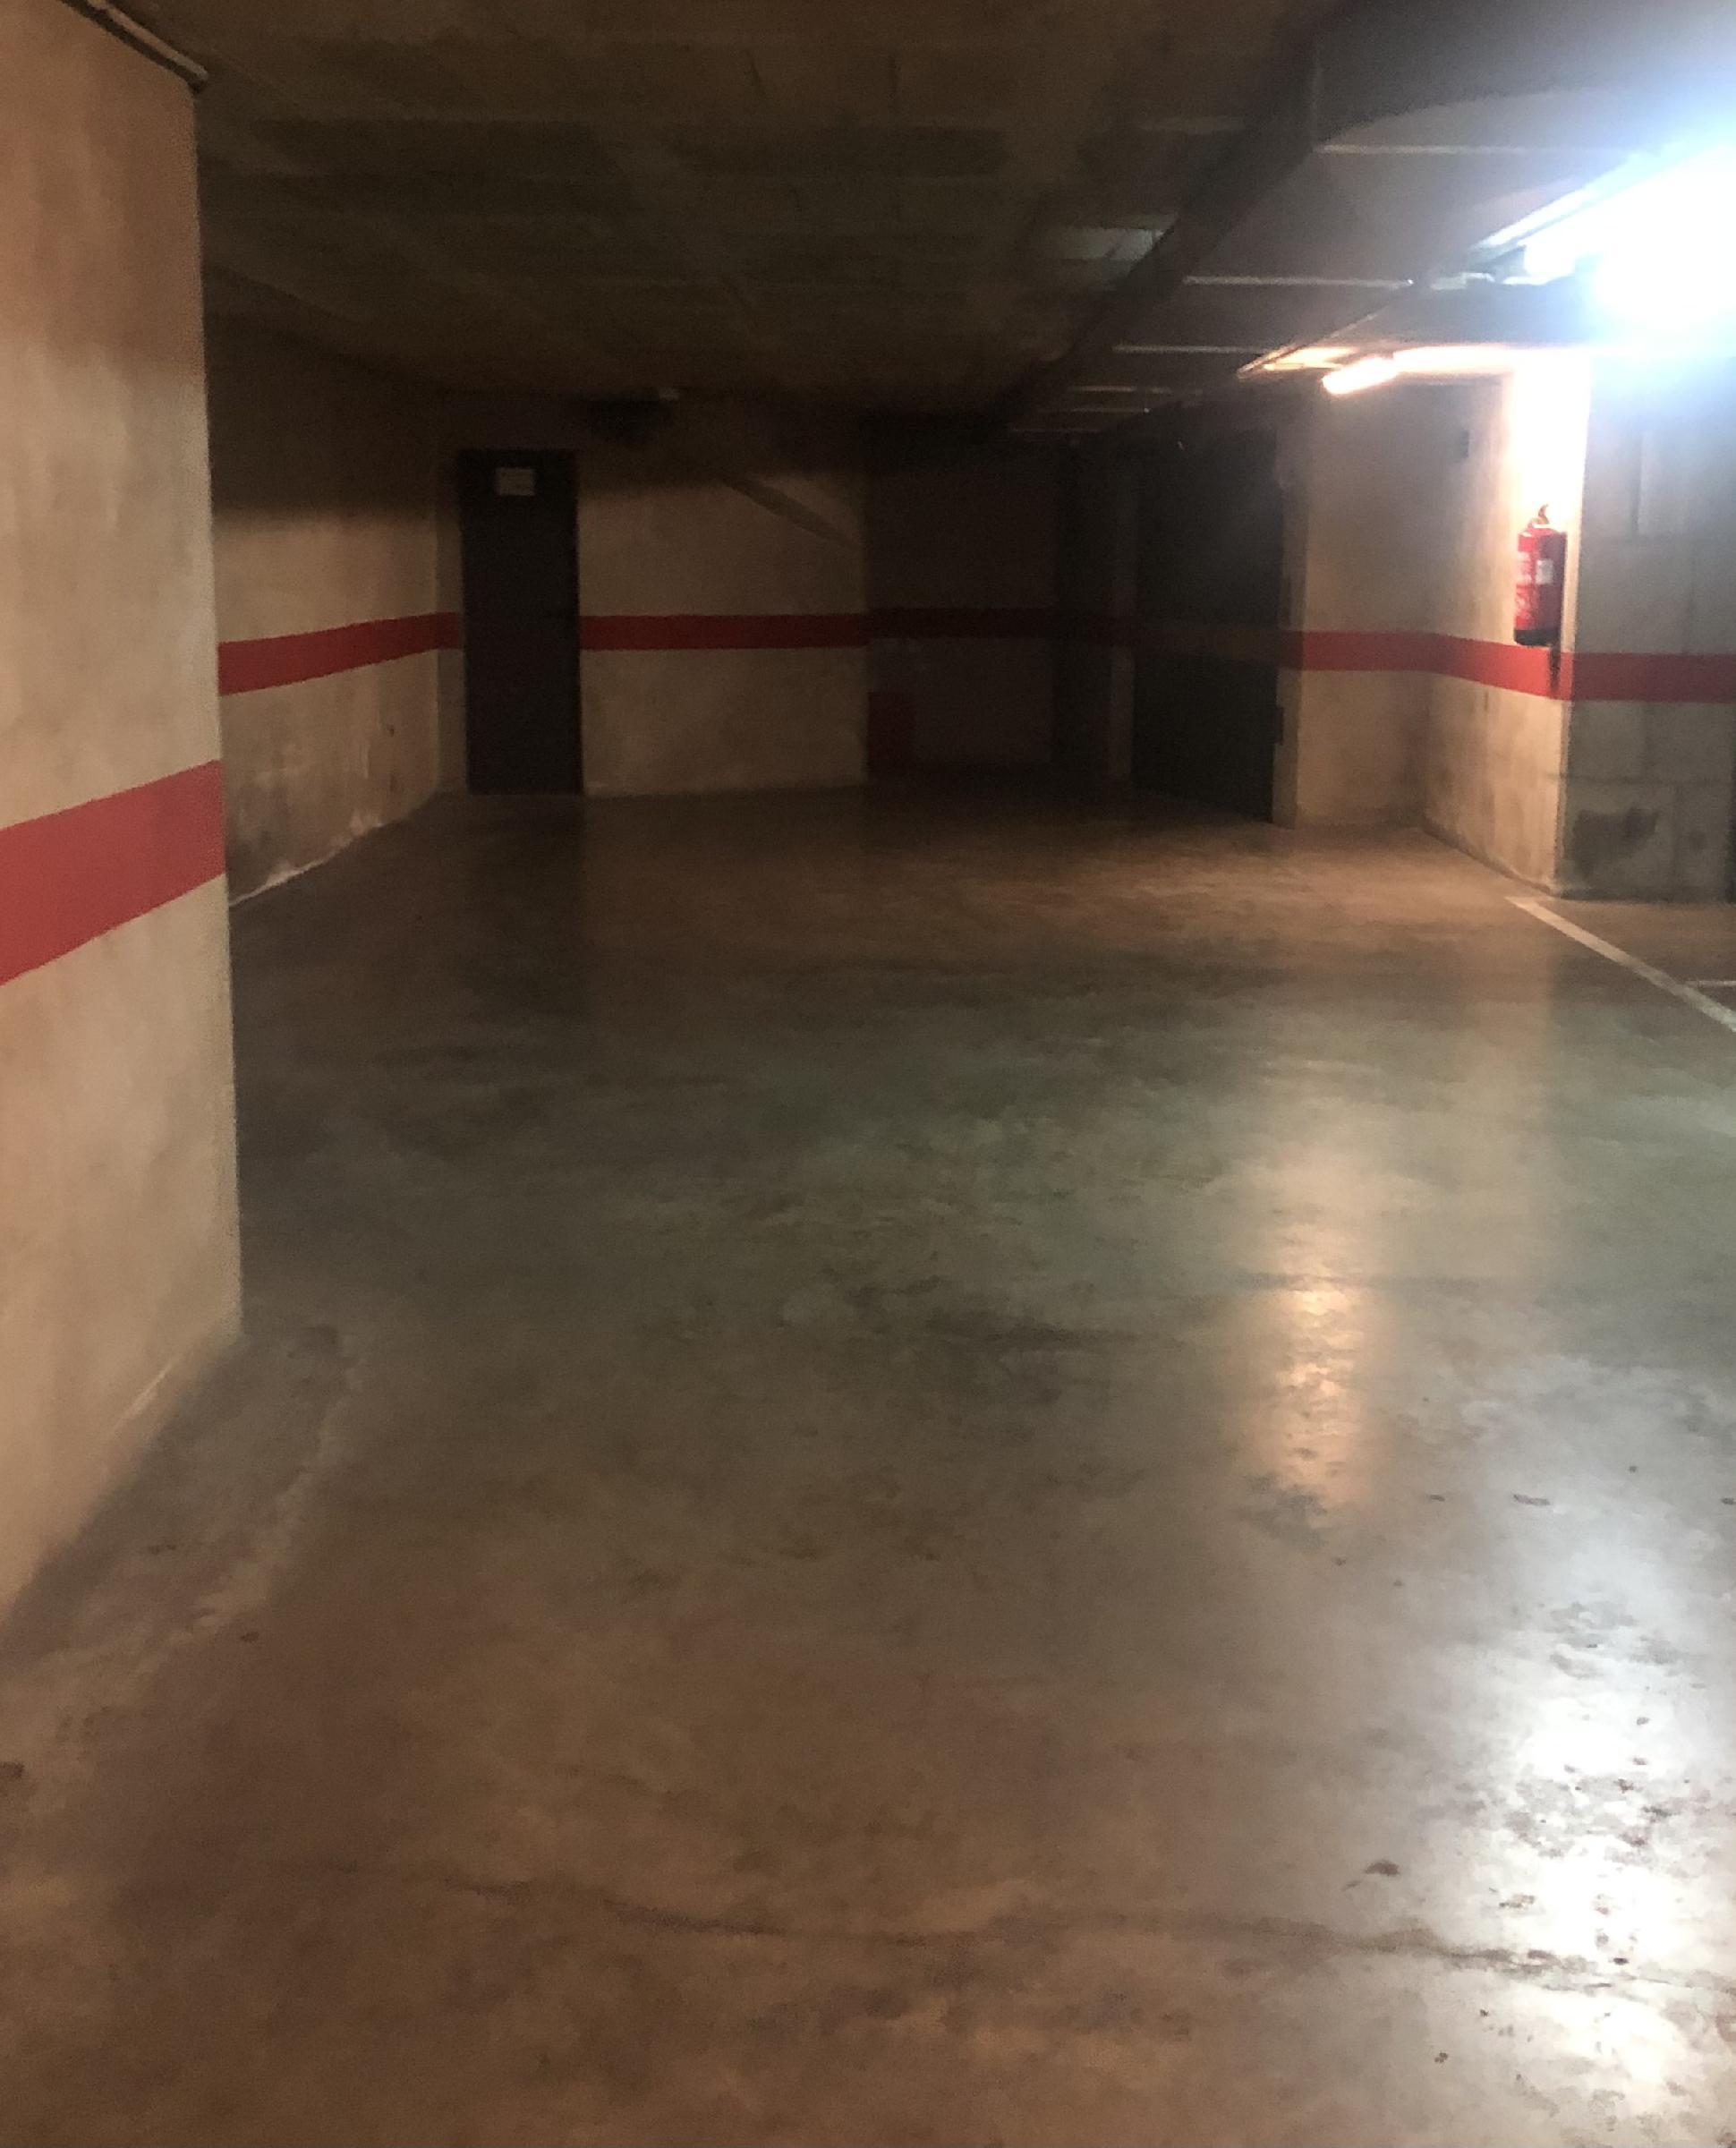 Imagen 3 Parking Coche en venta en Girona / Parkin per a coche molt centric al carrer de la Creu